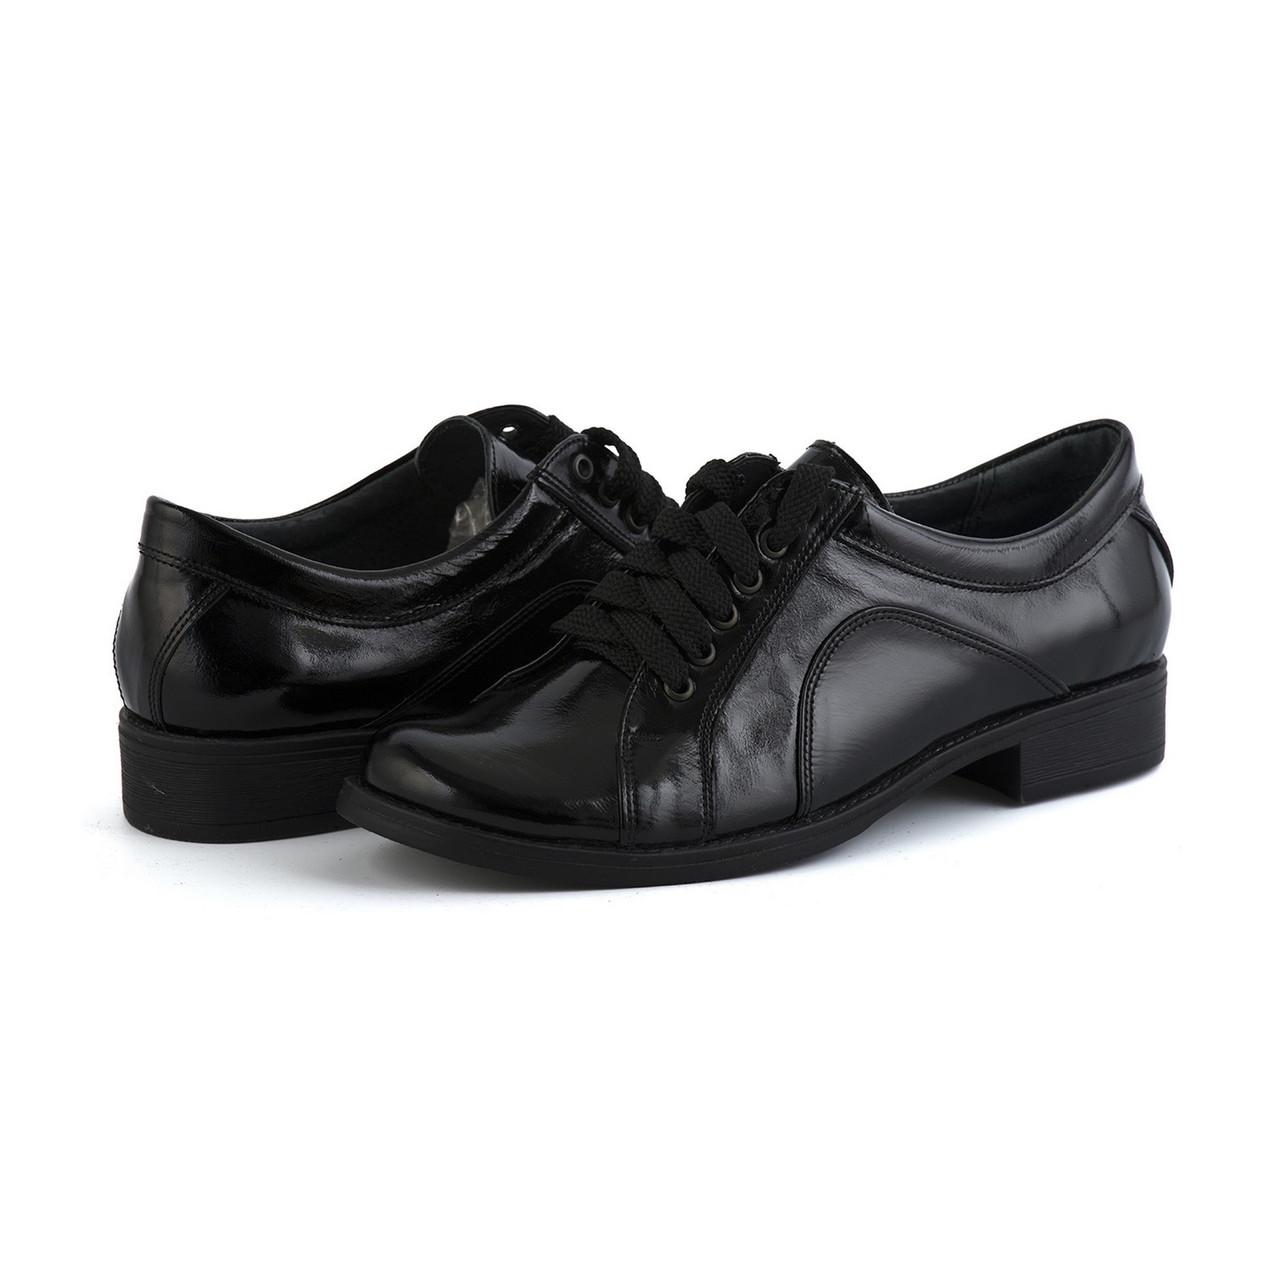 Лаковые туфли черного цвета на низком каблуке